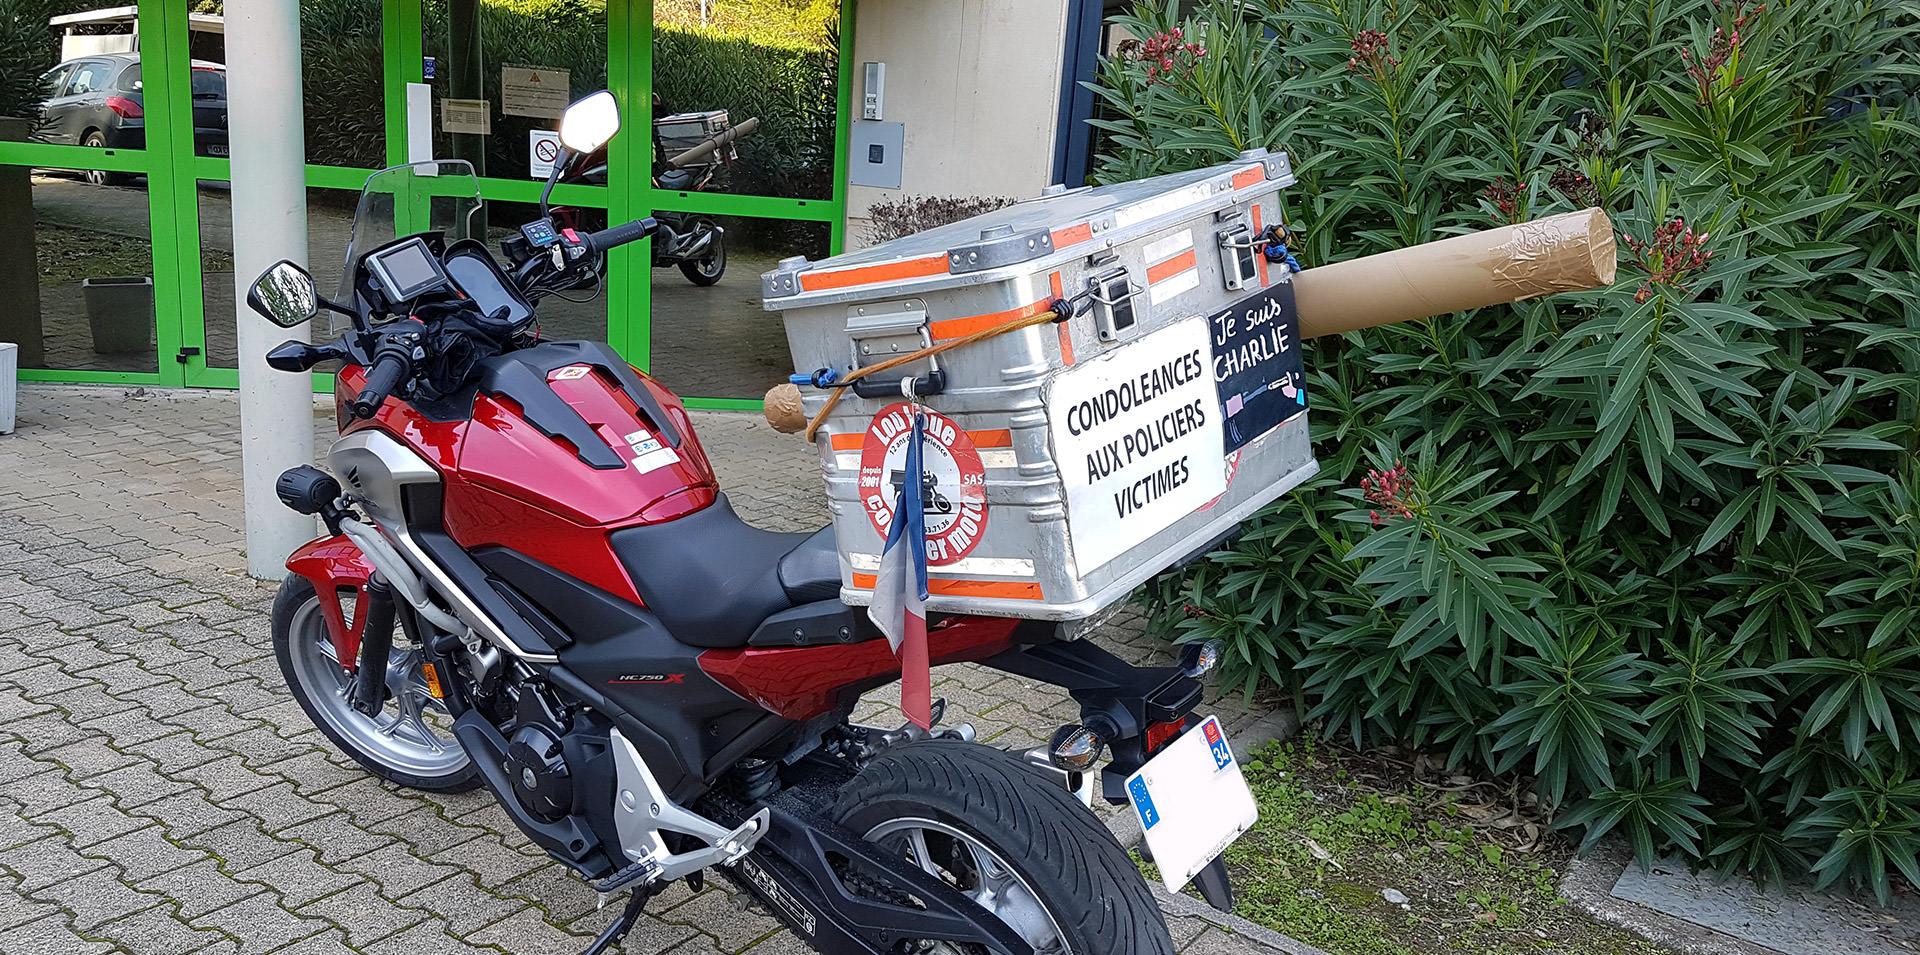 course urgente moto Montpellier